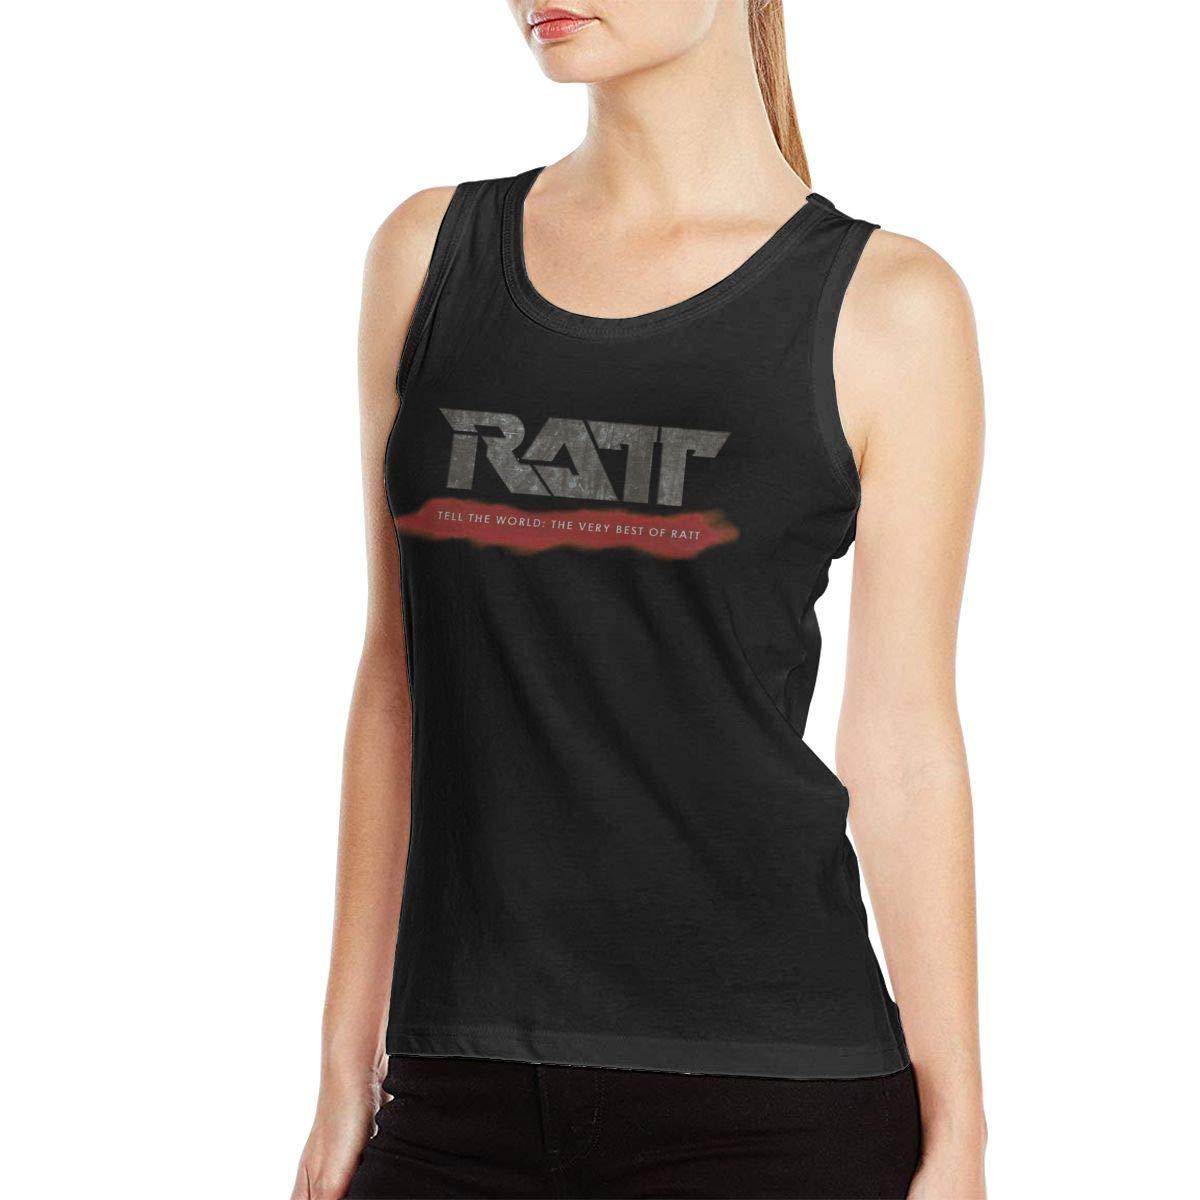 Emmanuelharrod Ratt Band Tank Tops Summer Sleeveless T Shirts Black